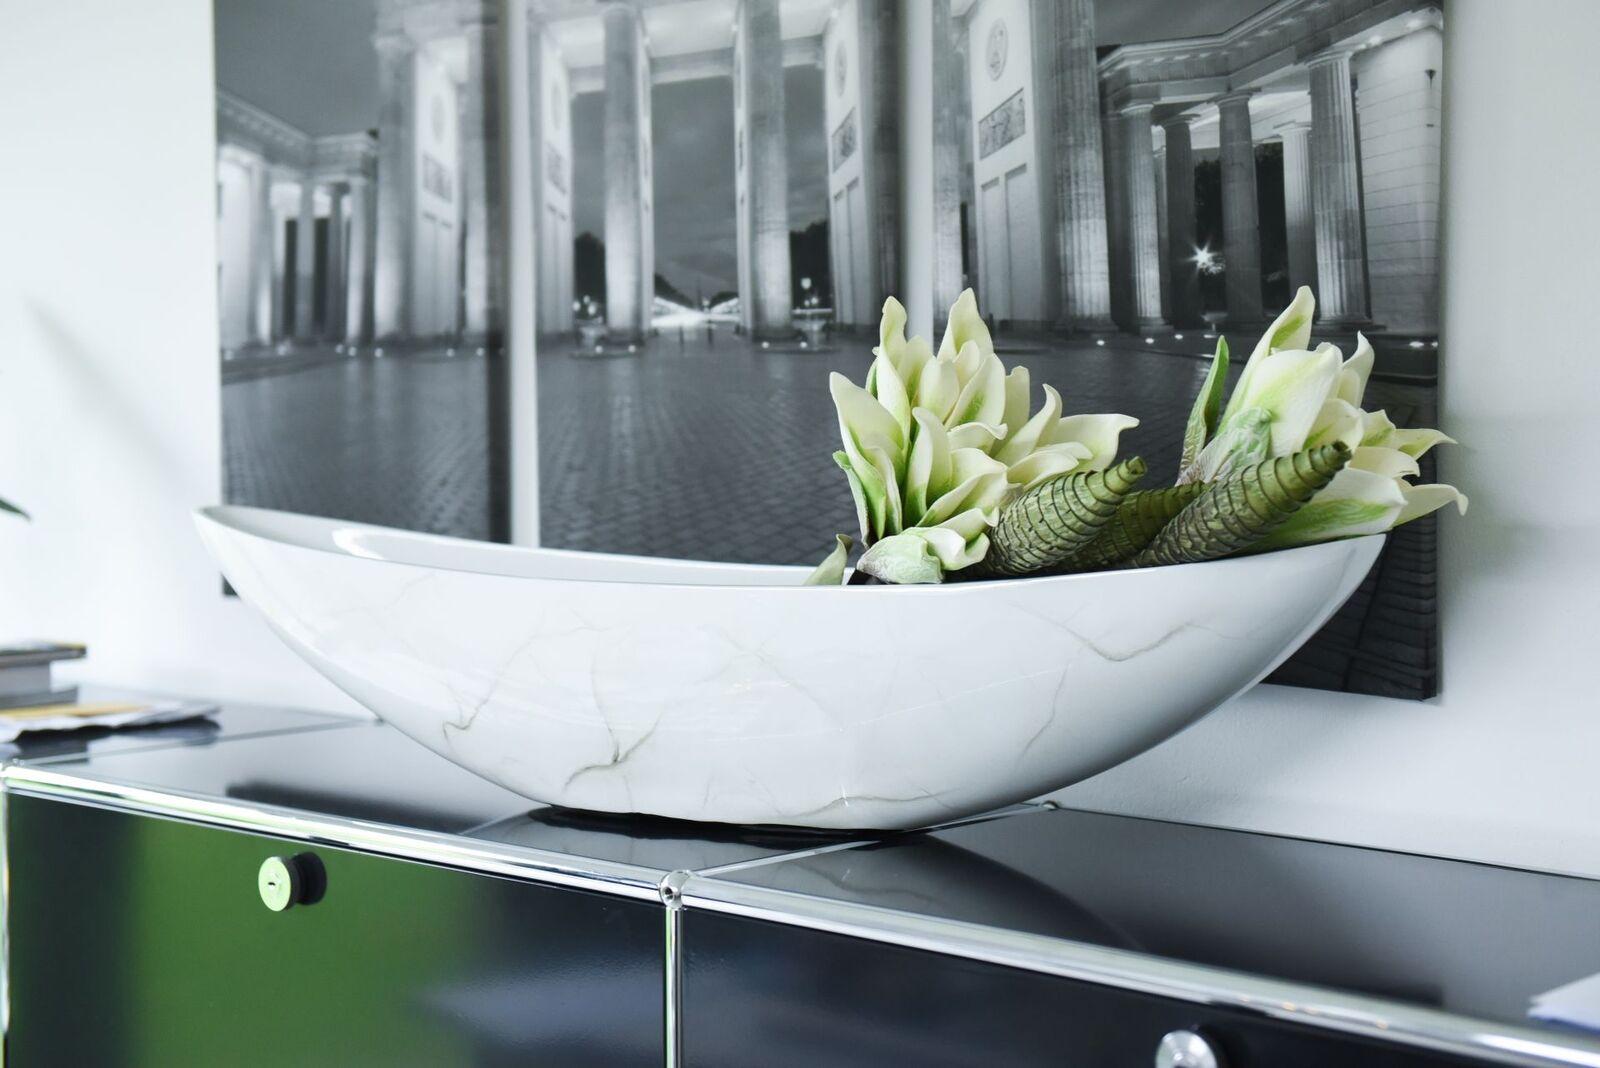 Dekoschale Schale exklusiv  Alexa  20x90x18 cm Weiß Marmor Hochglanz